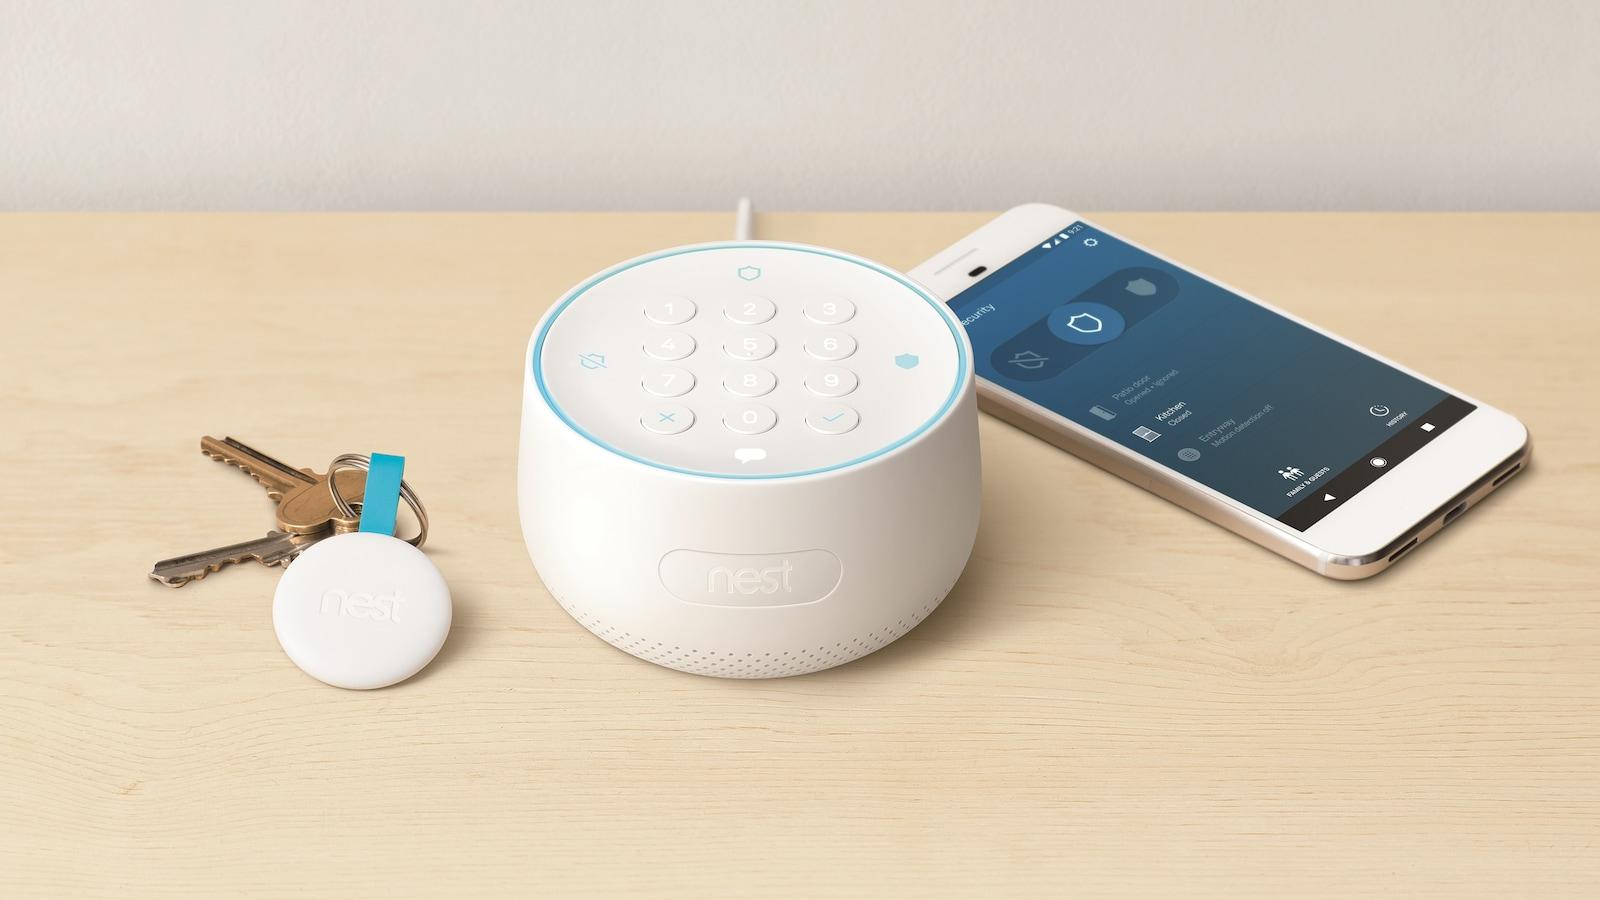 Un trousseau de clés déposés sur une table, à gauche du dispositif de contrôle Nest Guard, un appareil cylindrique surmonté d'un clavier numérique, et d'un téléphone intelligent.